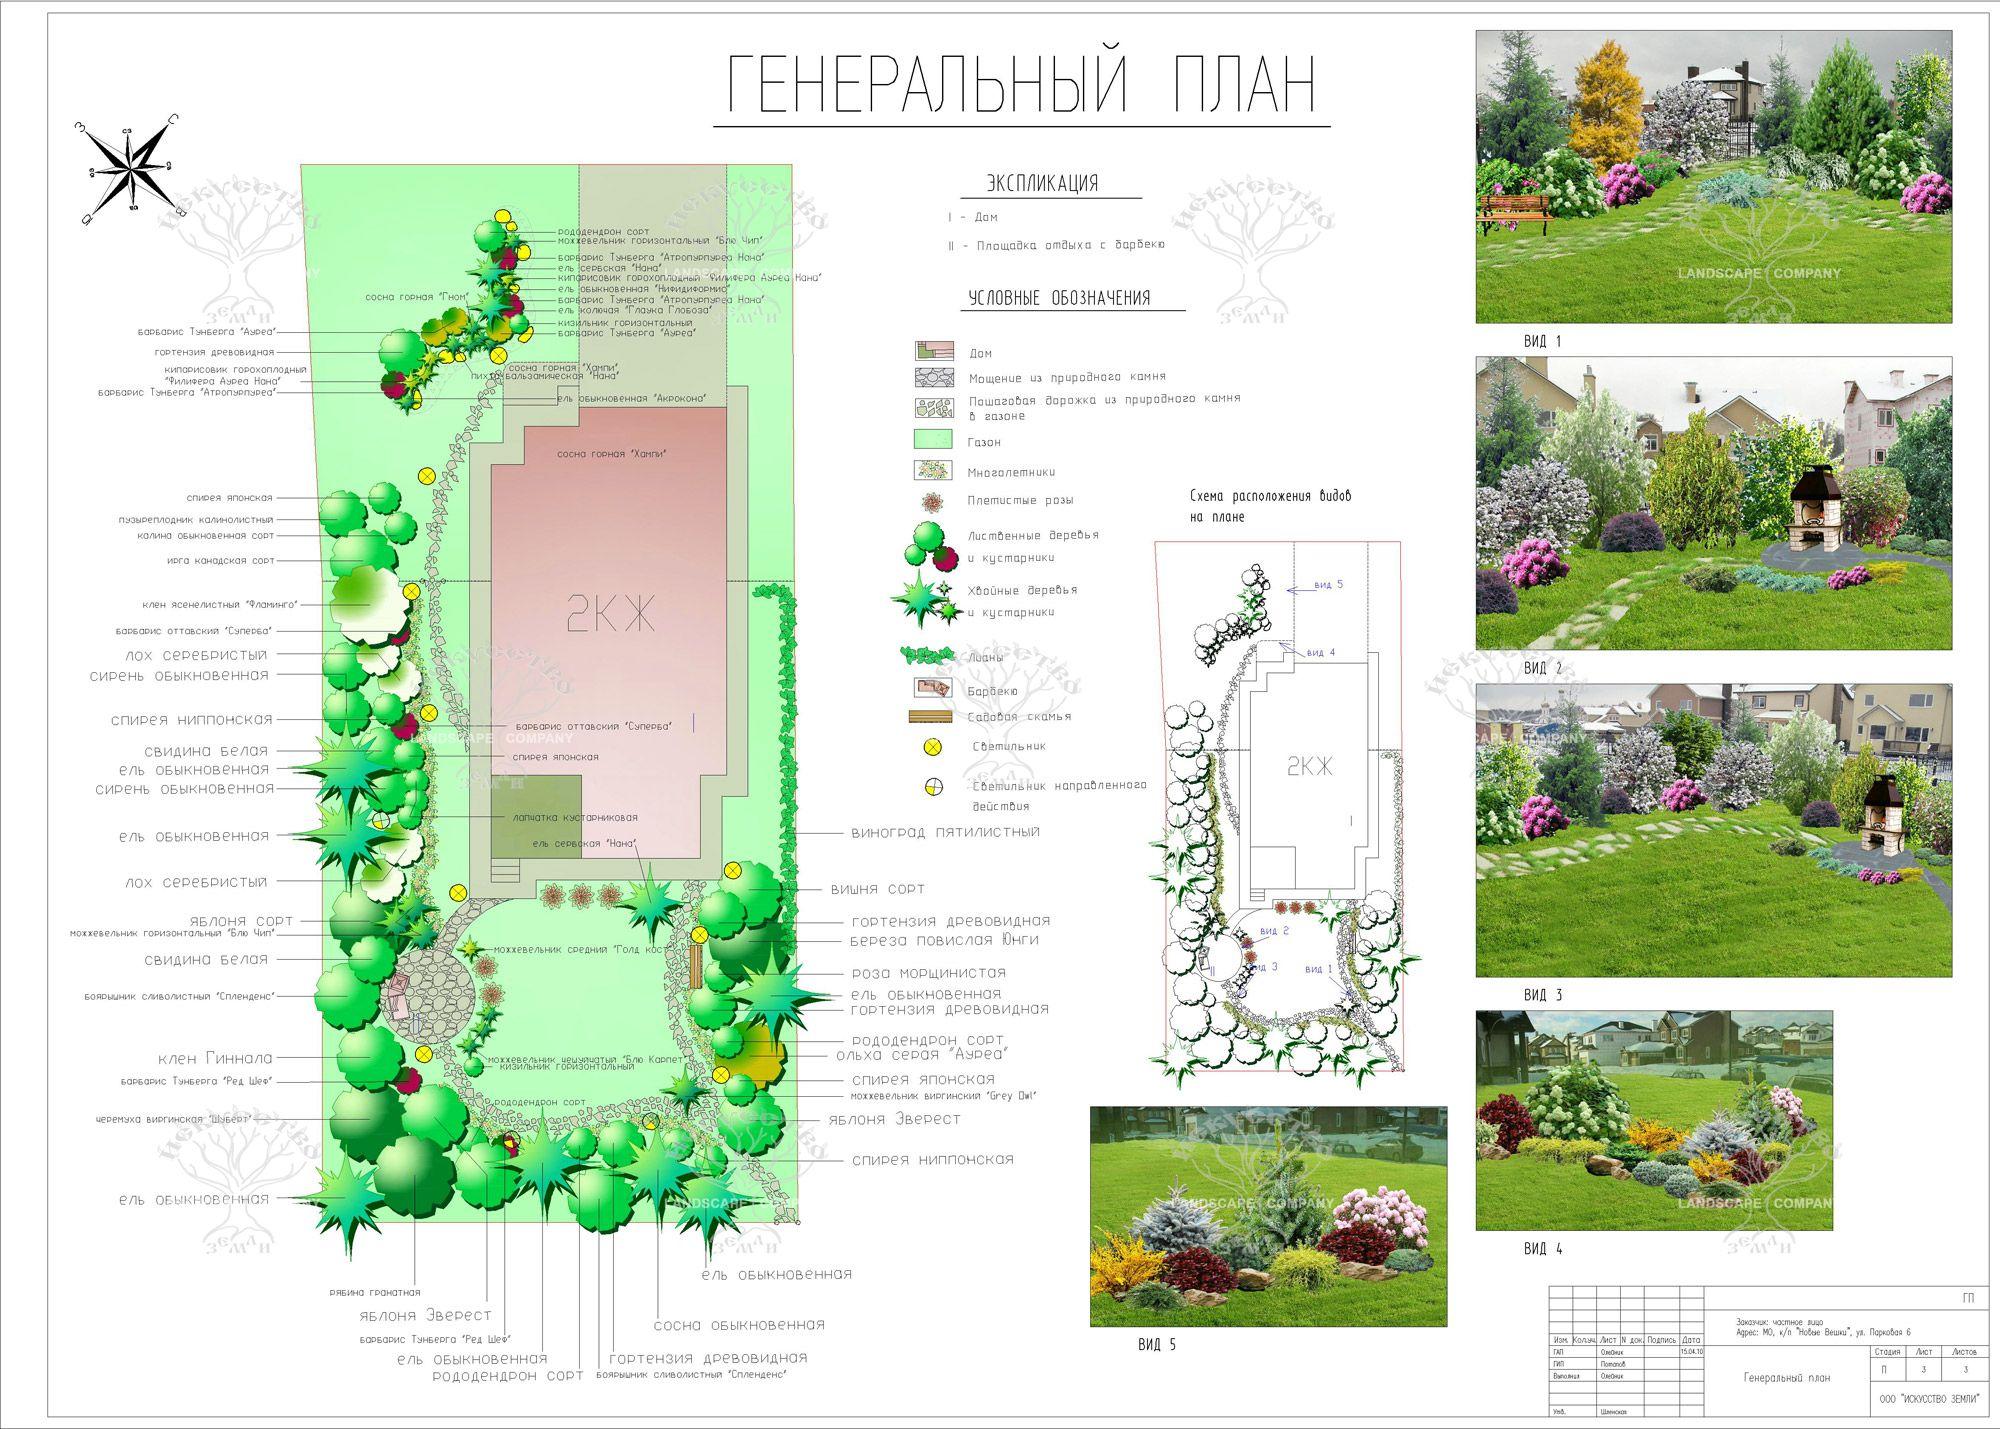 Отчет о практике в ландшафтном дизайне